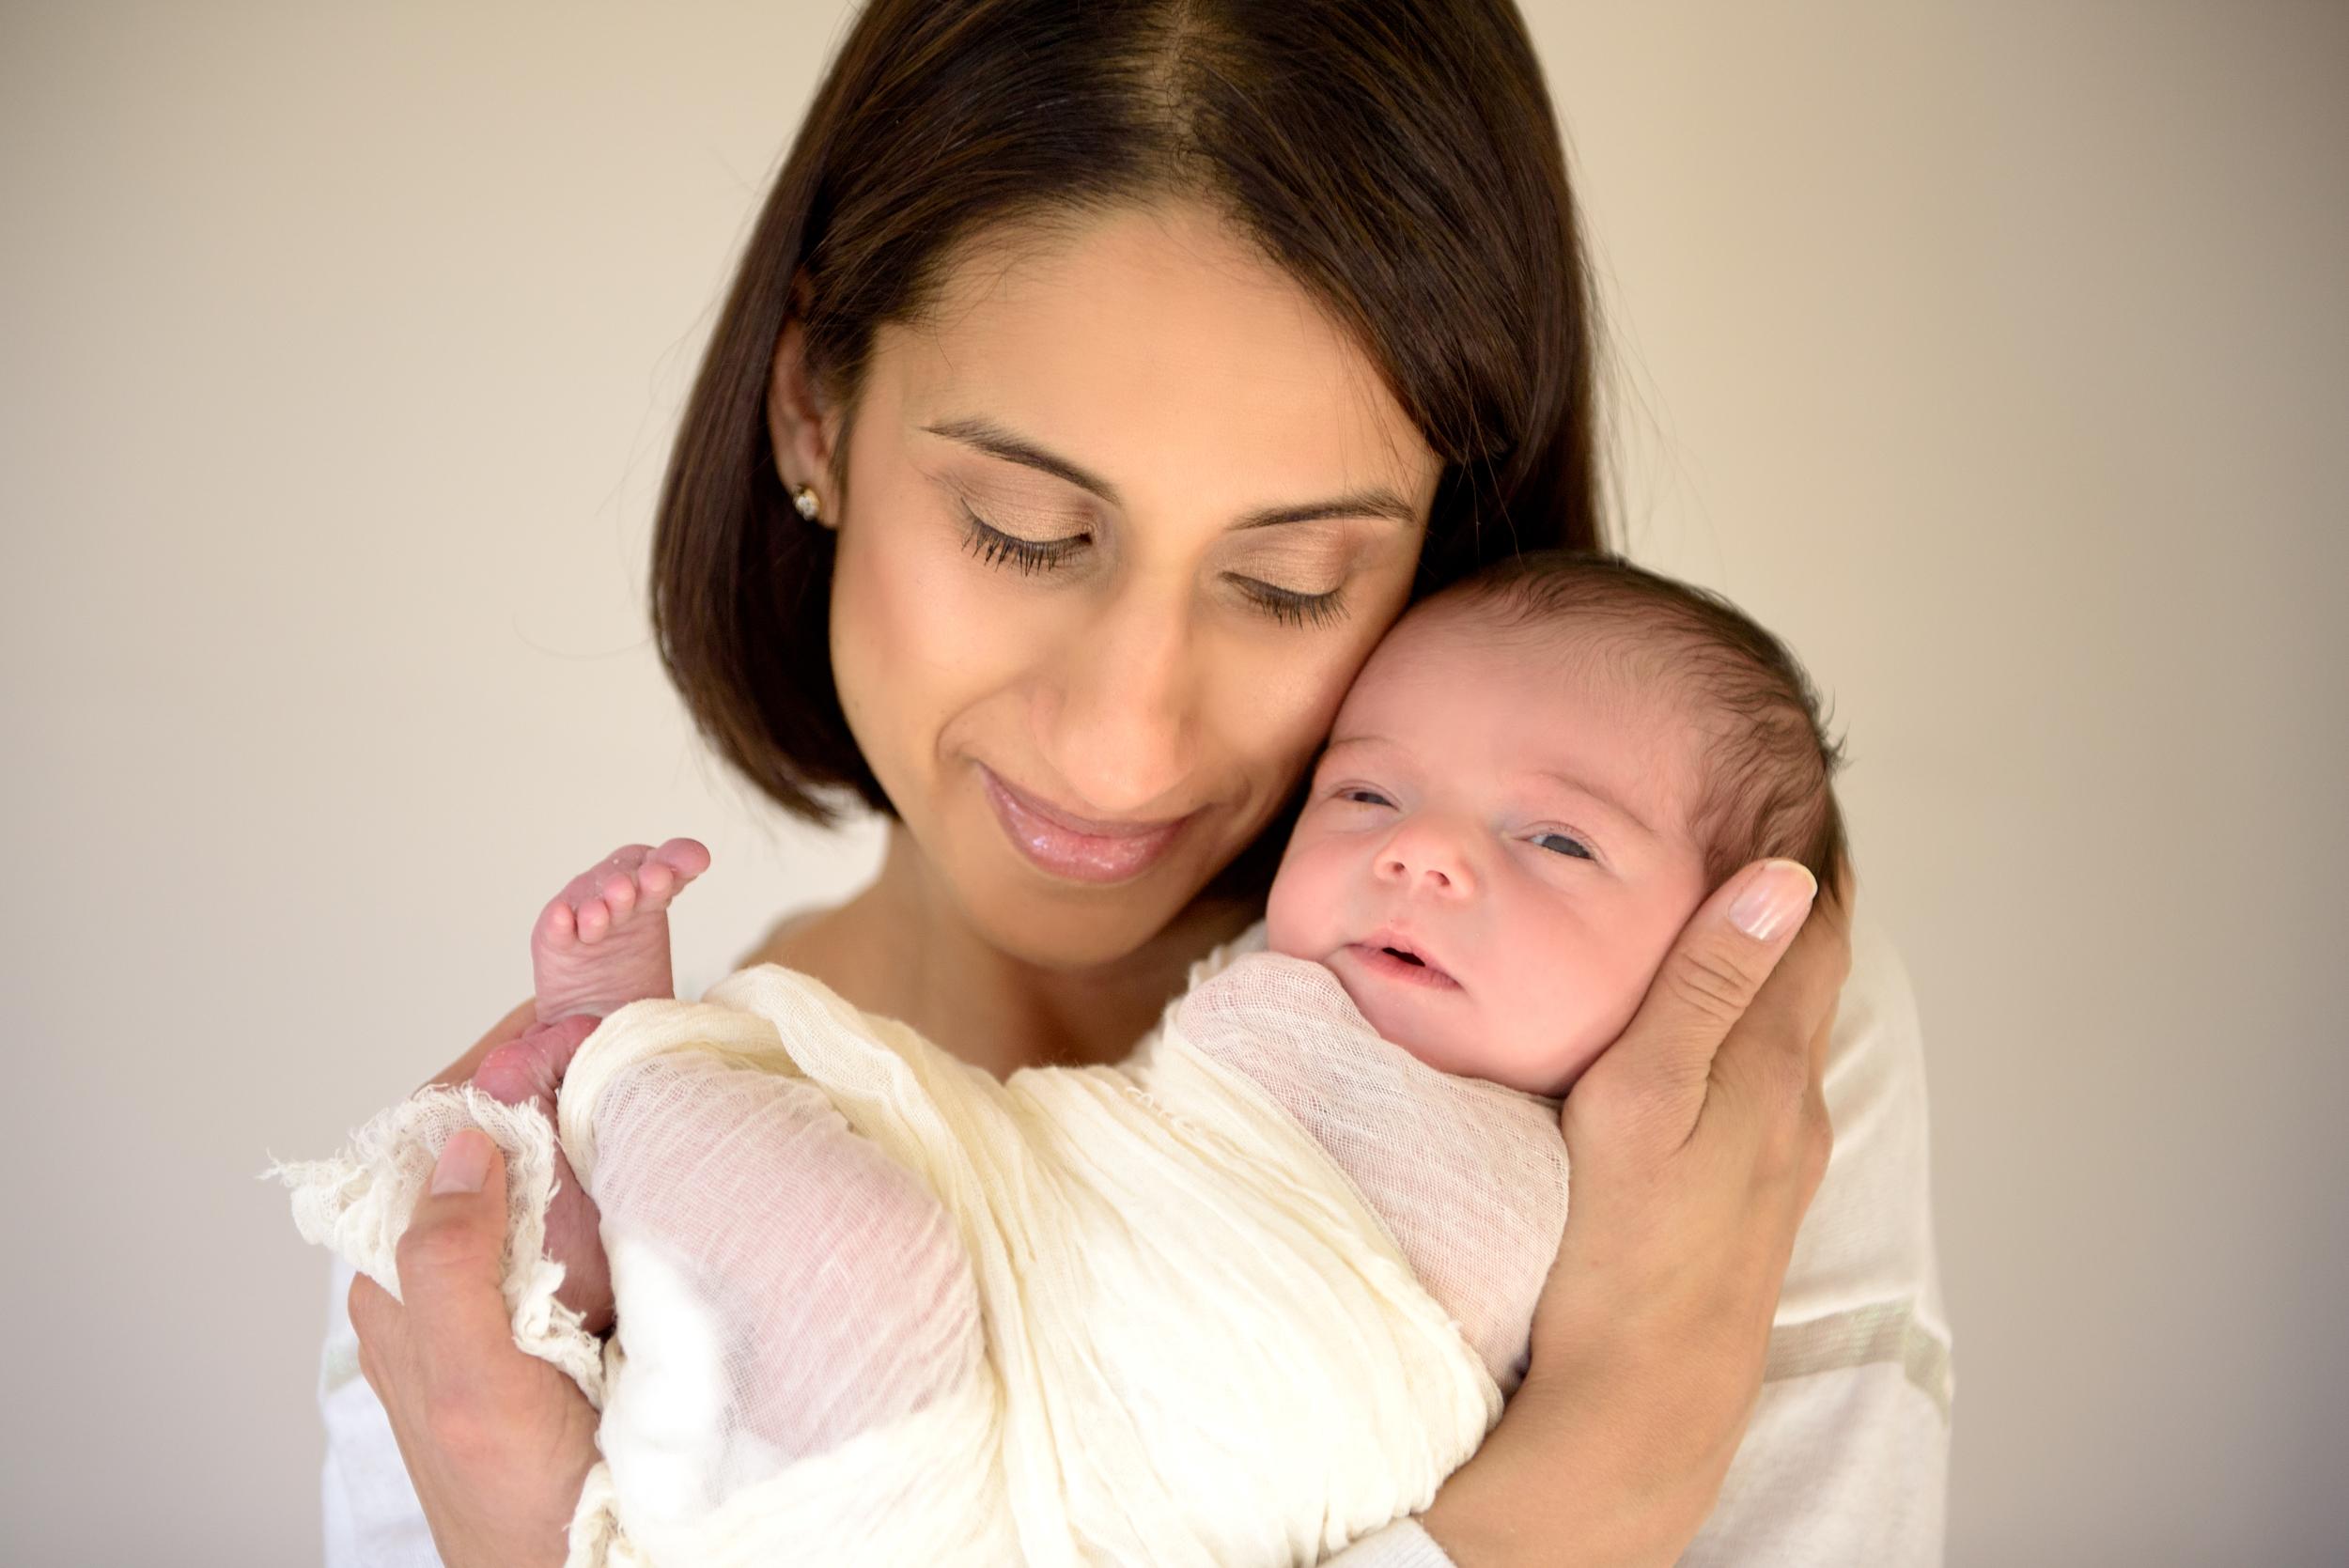 Newborn photographer, Kensington West London